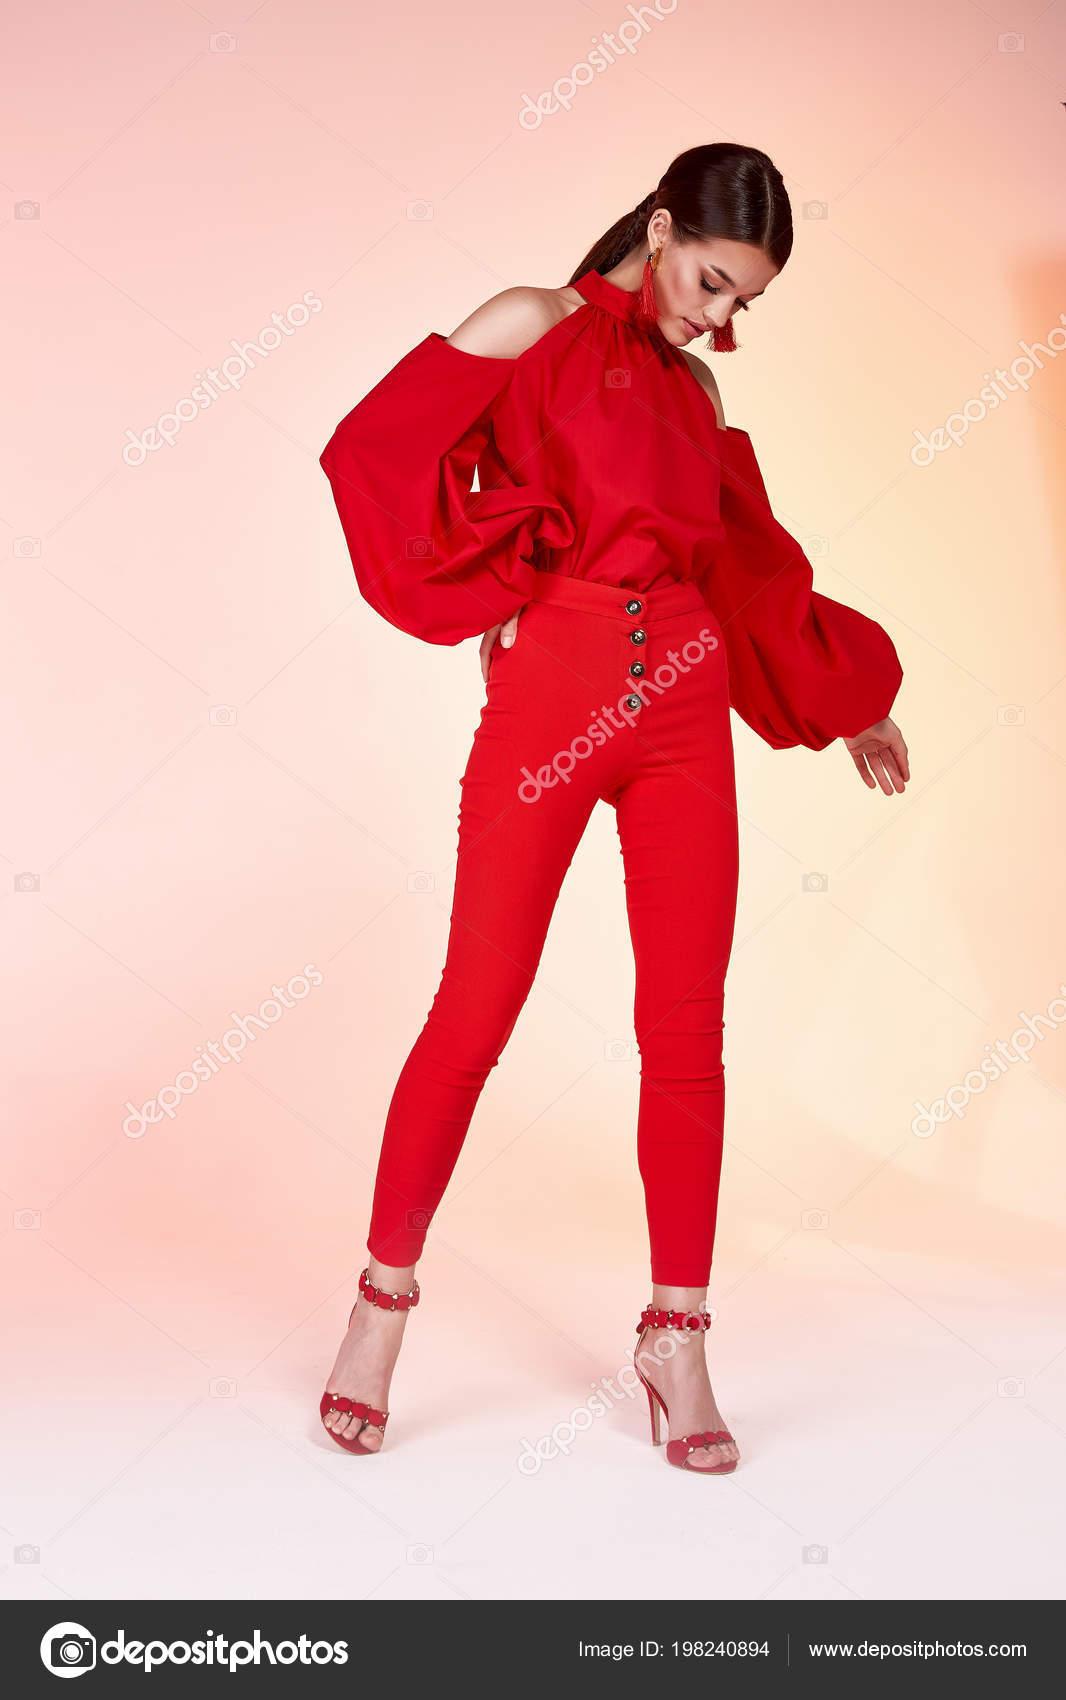 Elegancia sexy muy hermosa mujer modelo glamour pose desgaste color rojo  pantalones blusa de seda ropa de moda para fiesta verano colección  maquillaje pelo ... 159f6ce67ae